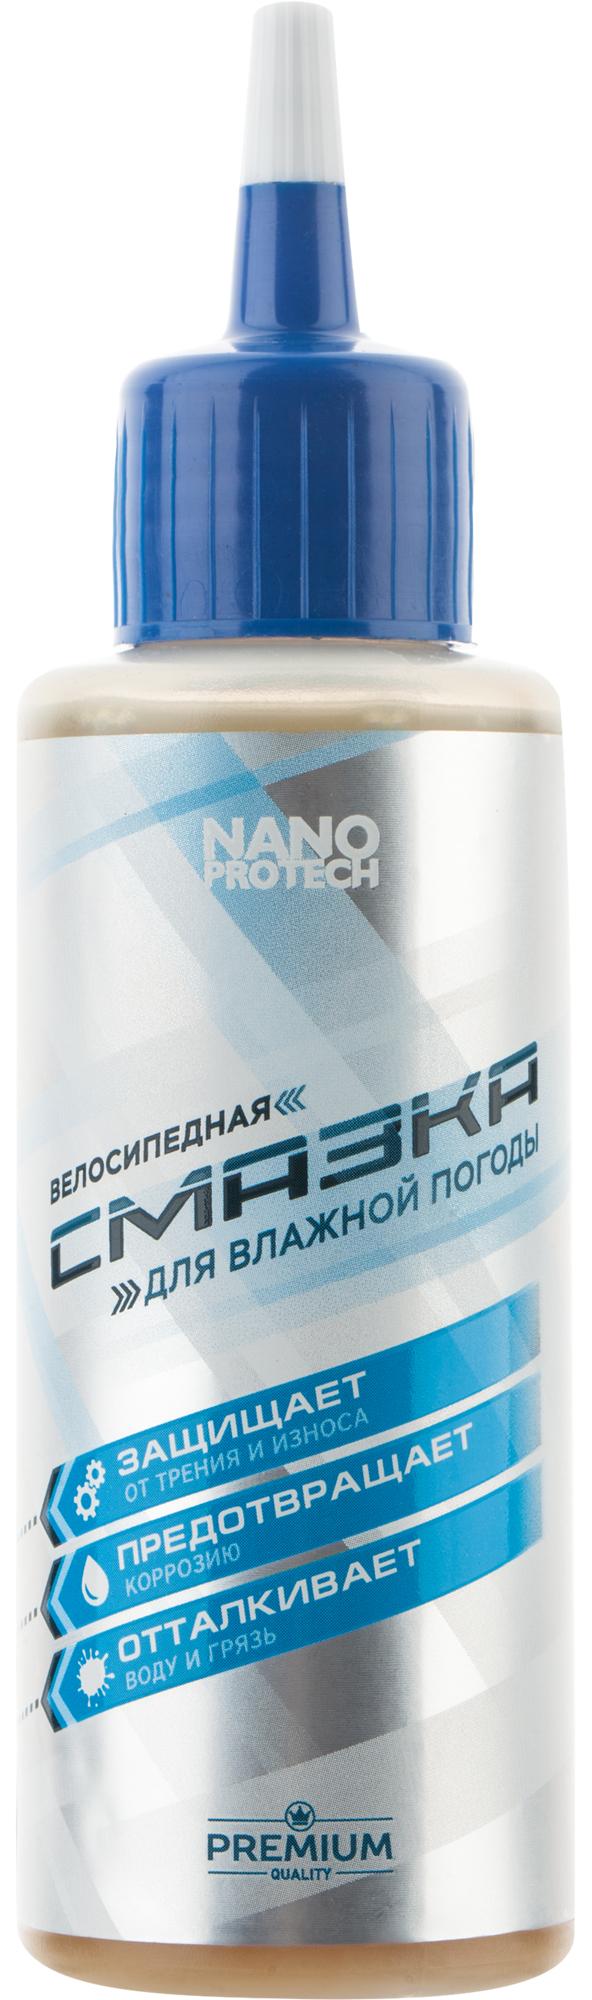 Nanoprotech Смазка велосипедная для влажной погоды Nanoprotech, 100 мл